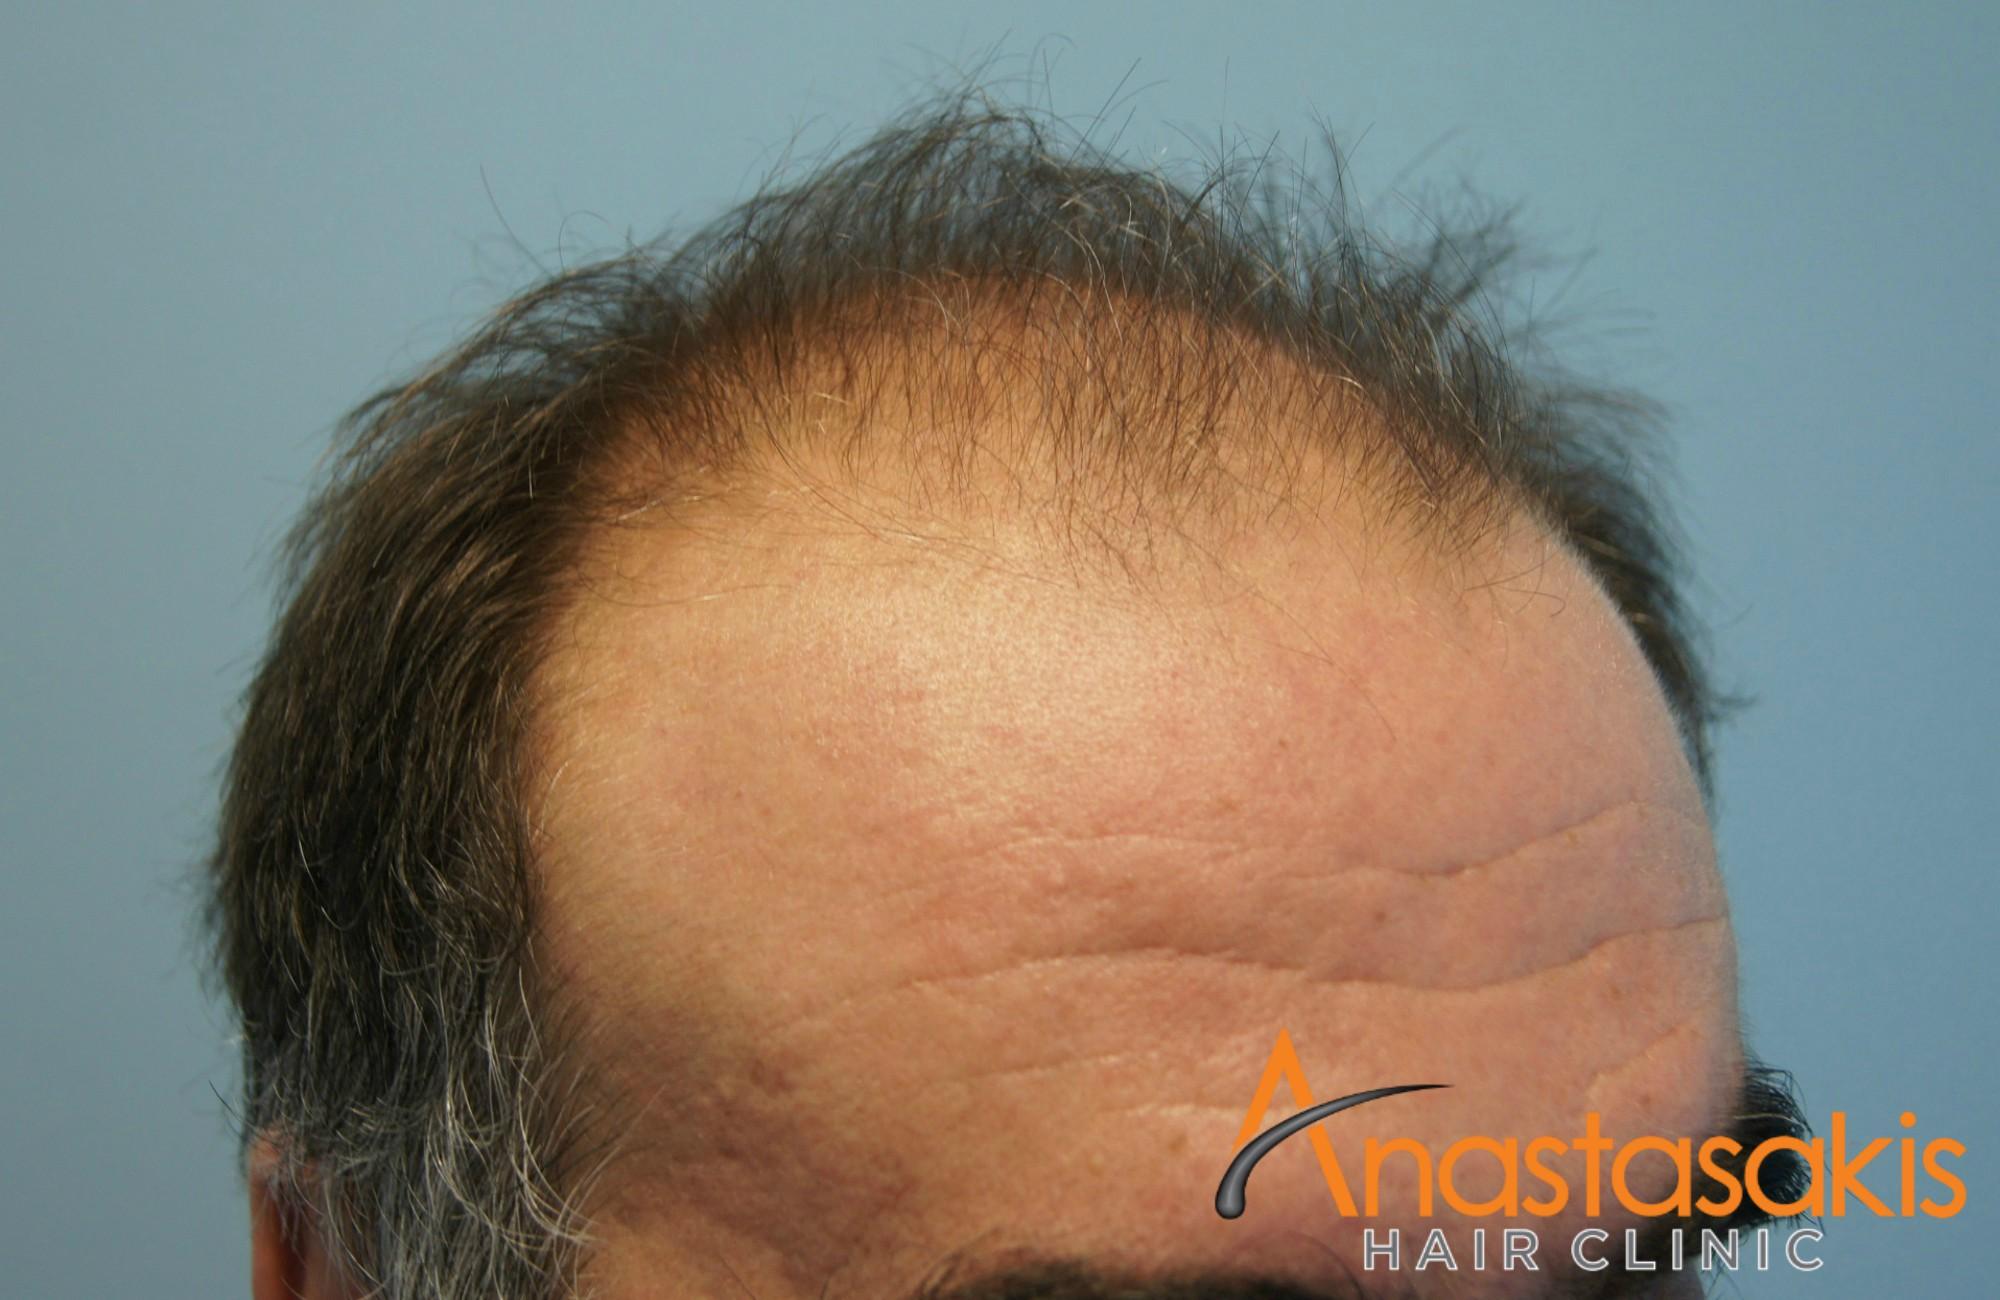 αριστερό προφίλ 2 ασθενη πριν την επέμβαση μαλλιών με 3110 fus